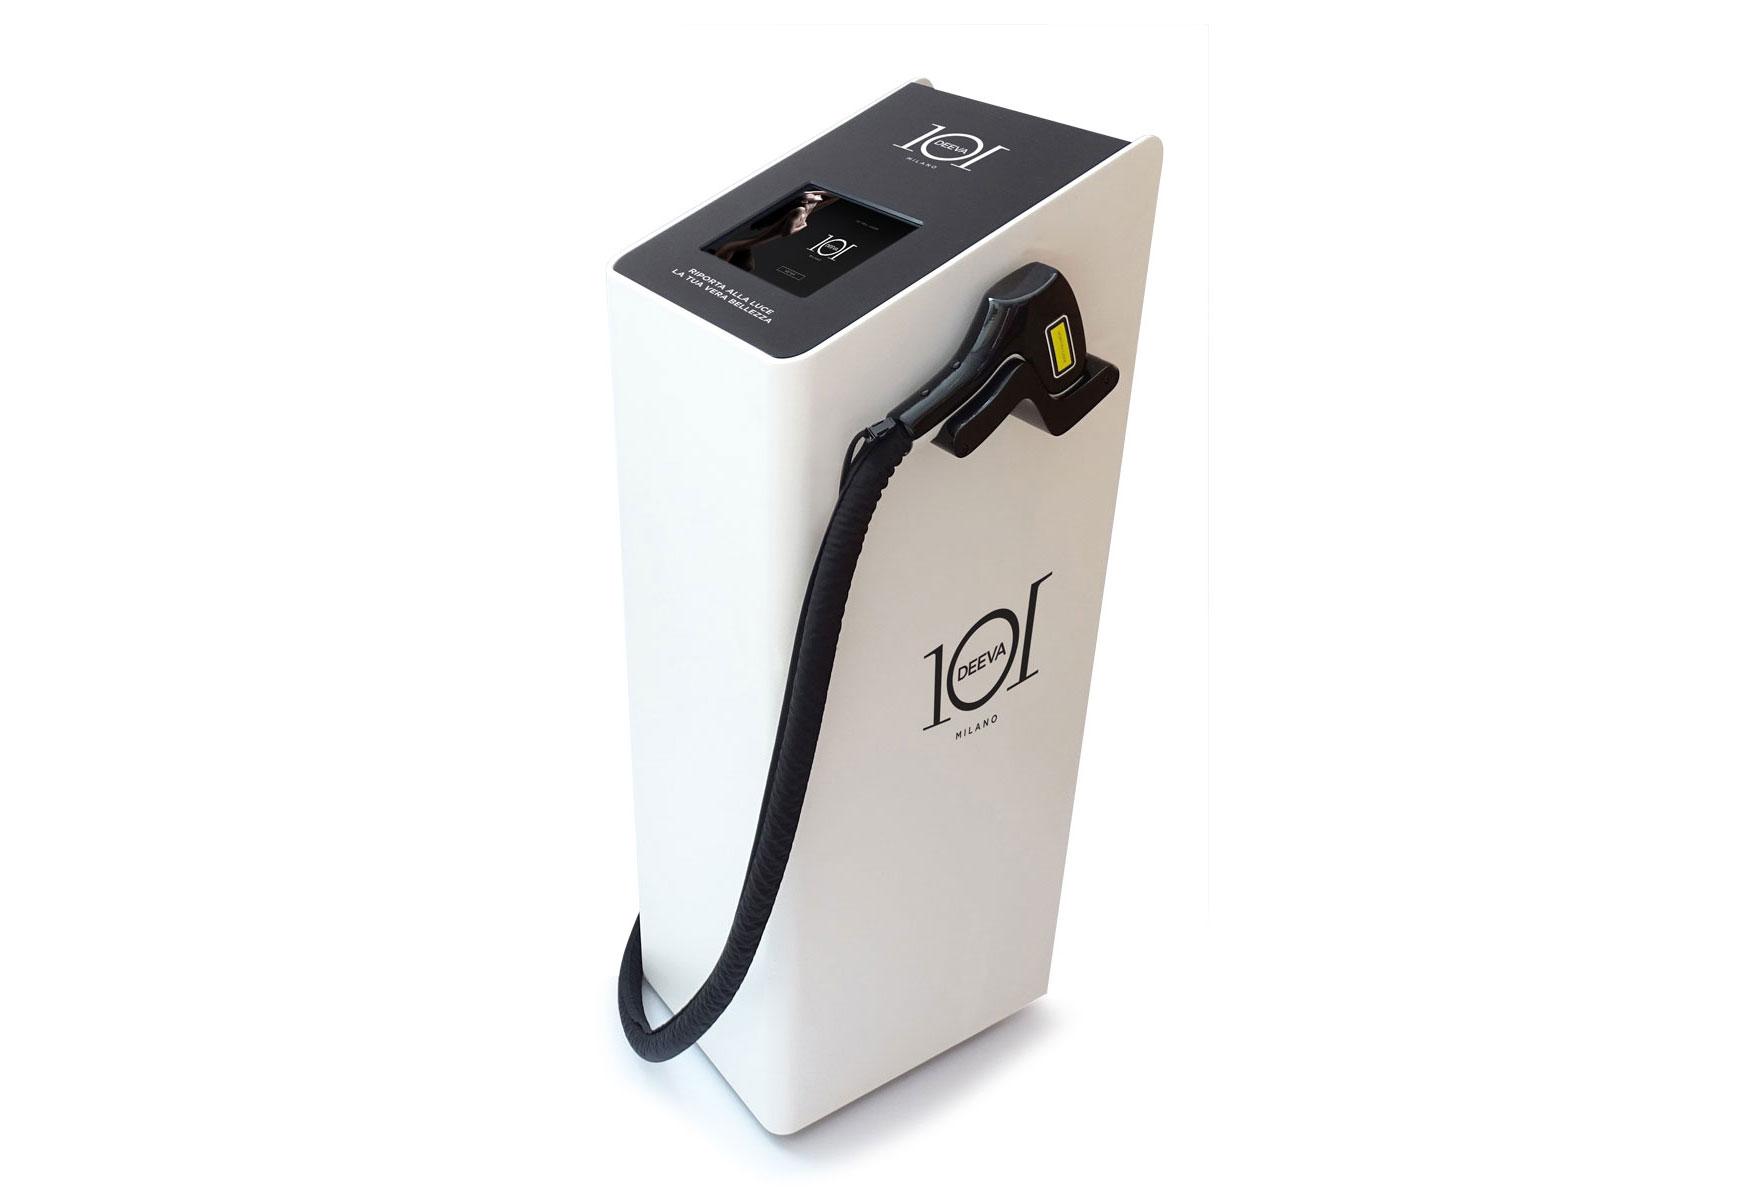 101 Laser Epil System